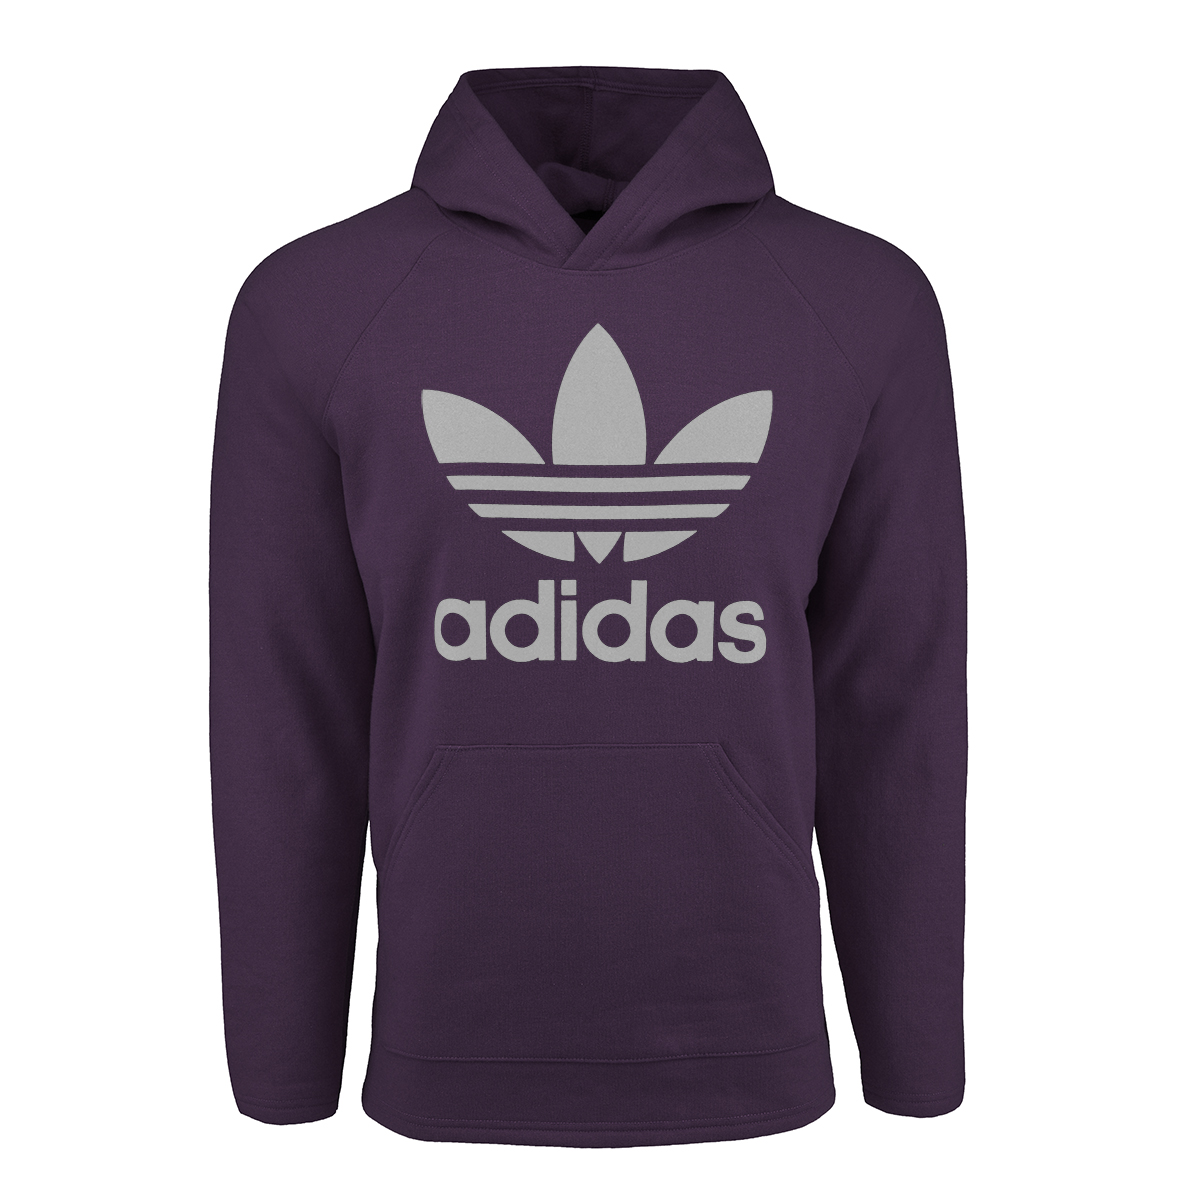 adidas Men s Originals Trefoil Hooded Sweatshirt Violet Grey L ... 4905e3fe793